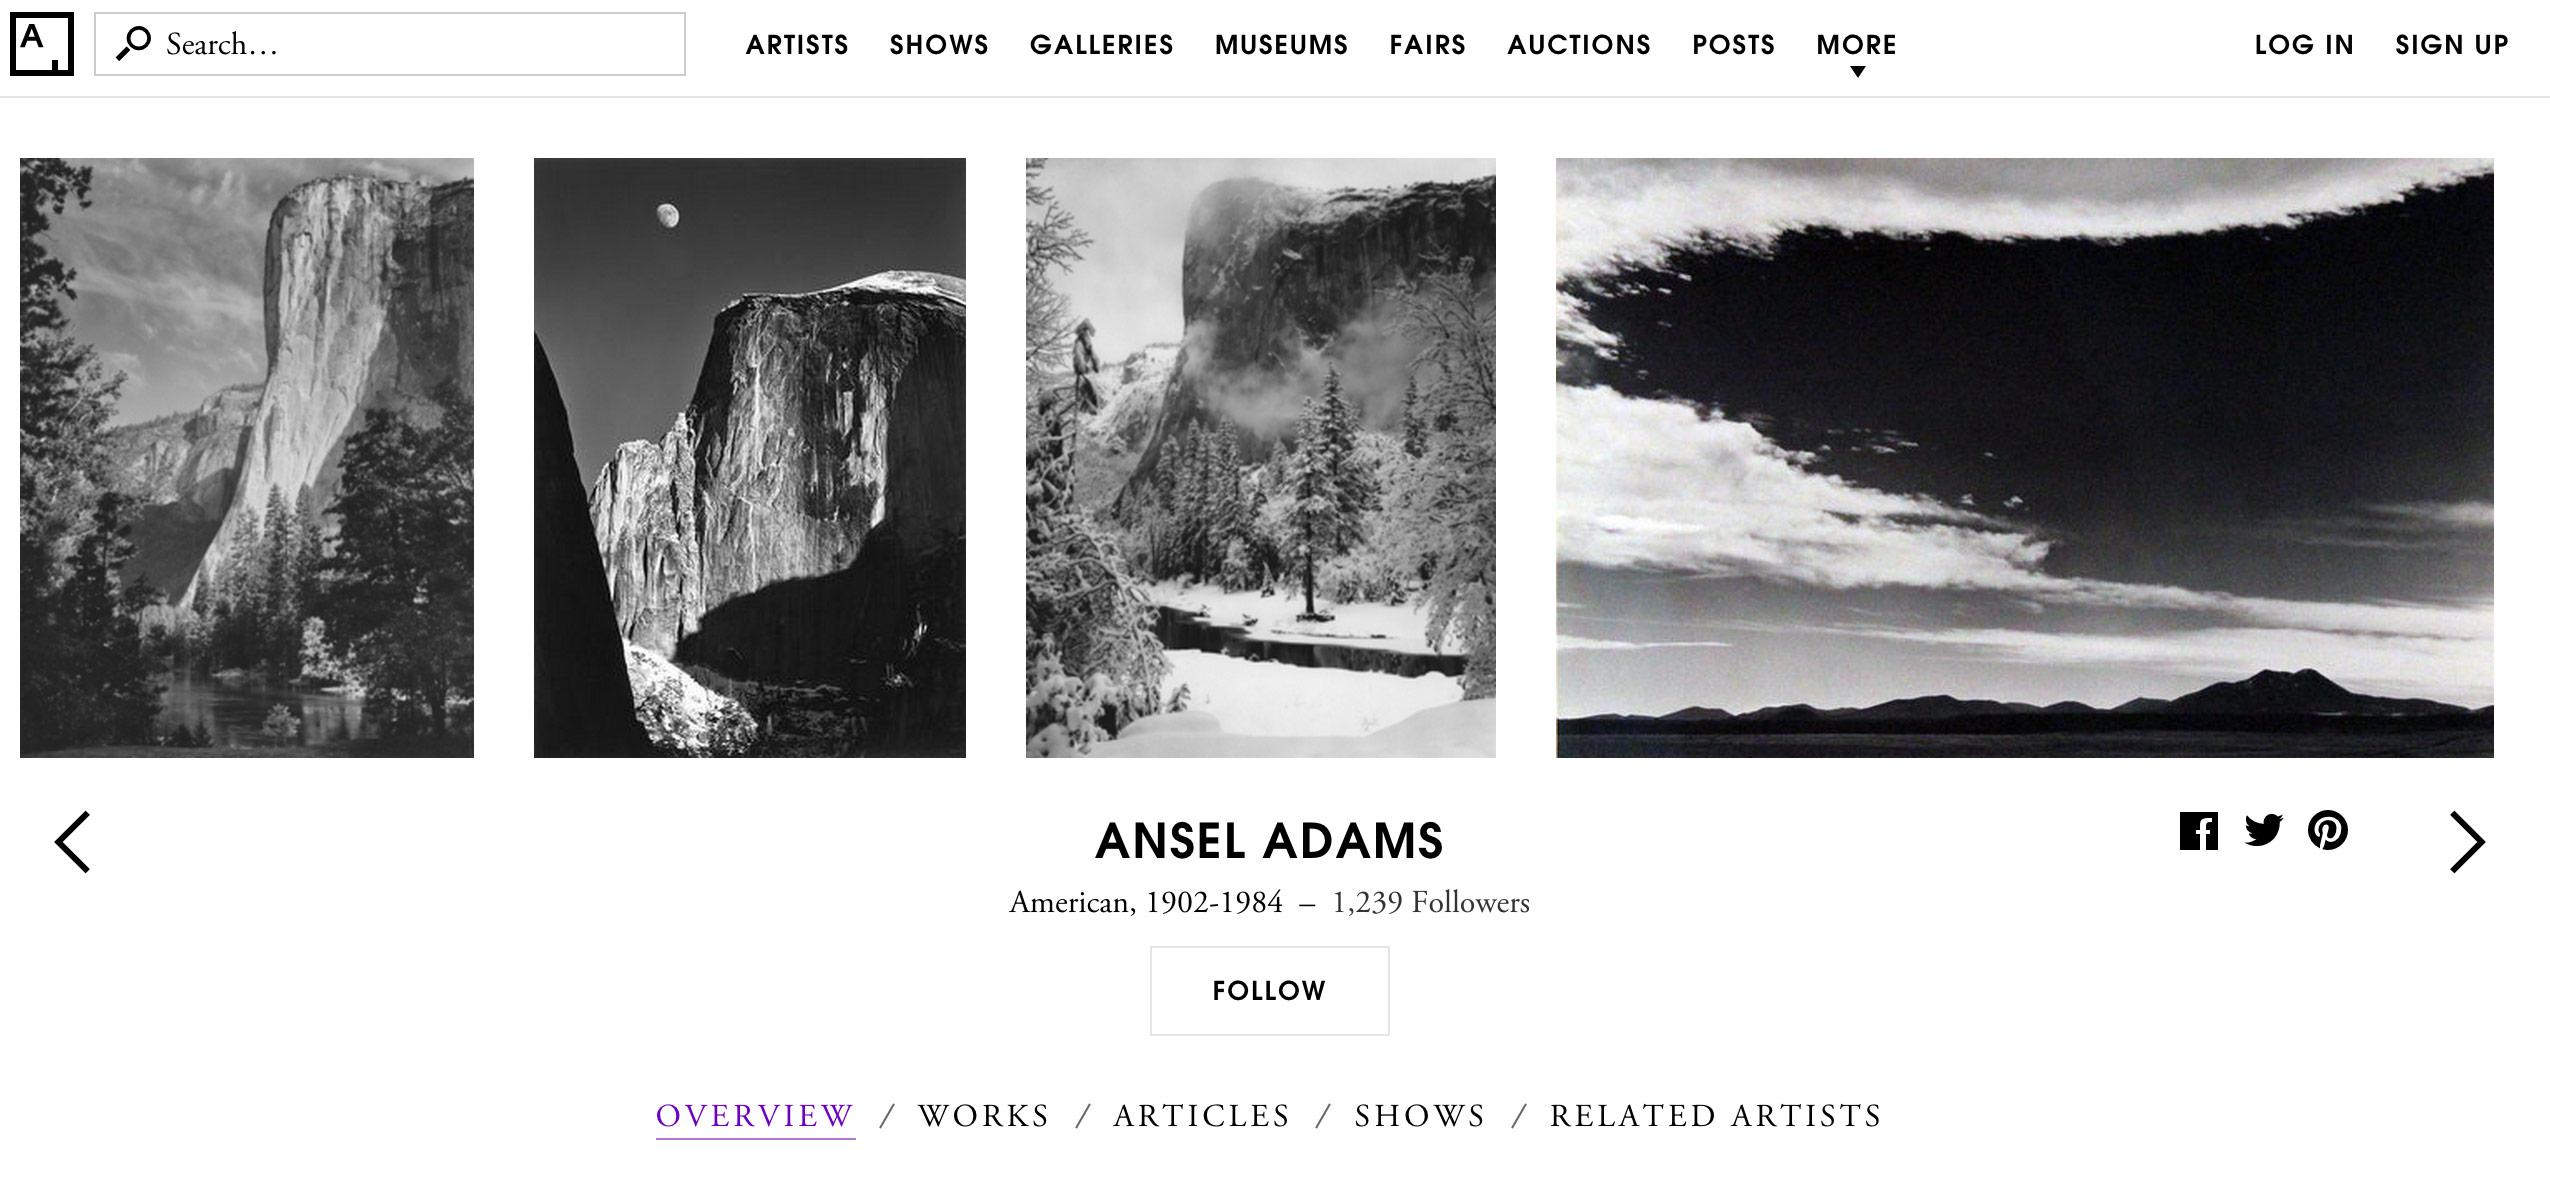 ansel adams artsy.net